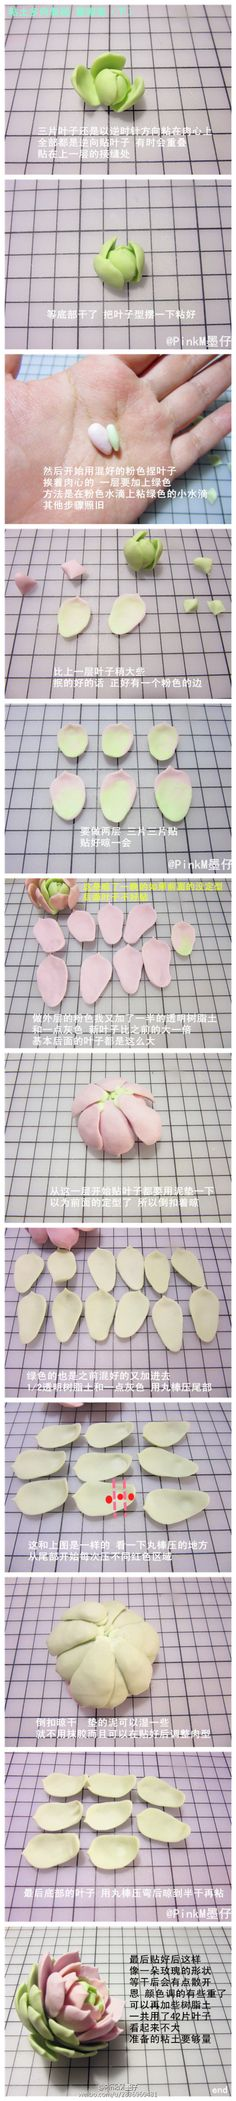 【多肉粘土教程】粘土多肉 露娜莲(下) by…-堆糖,美好生活研究所